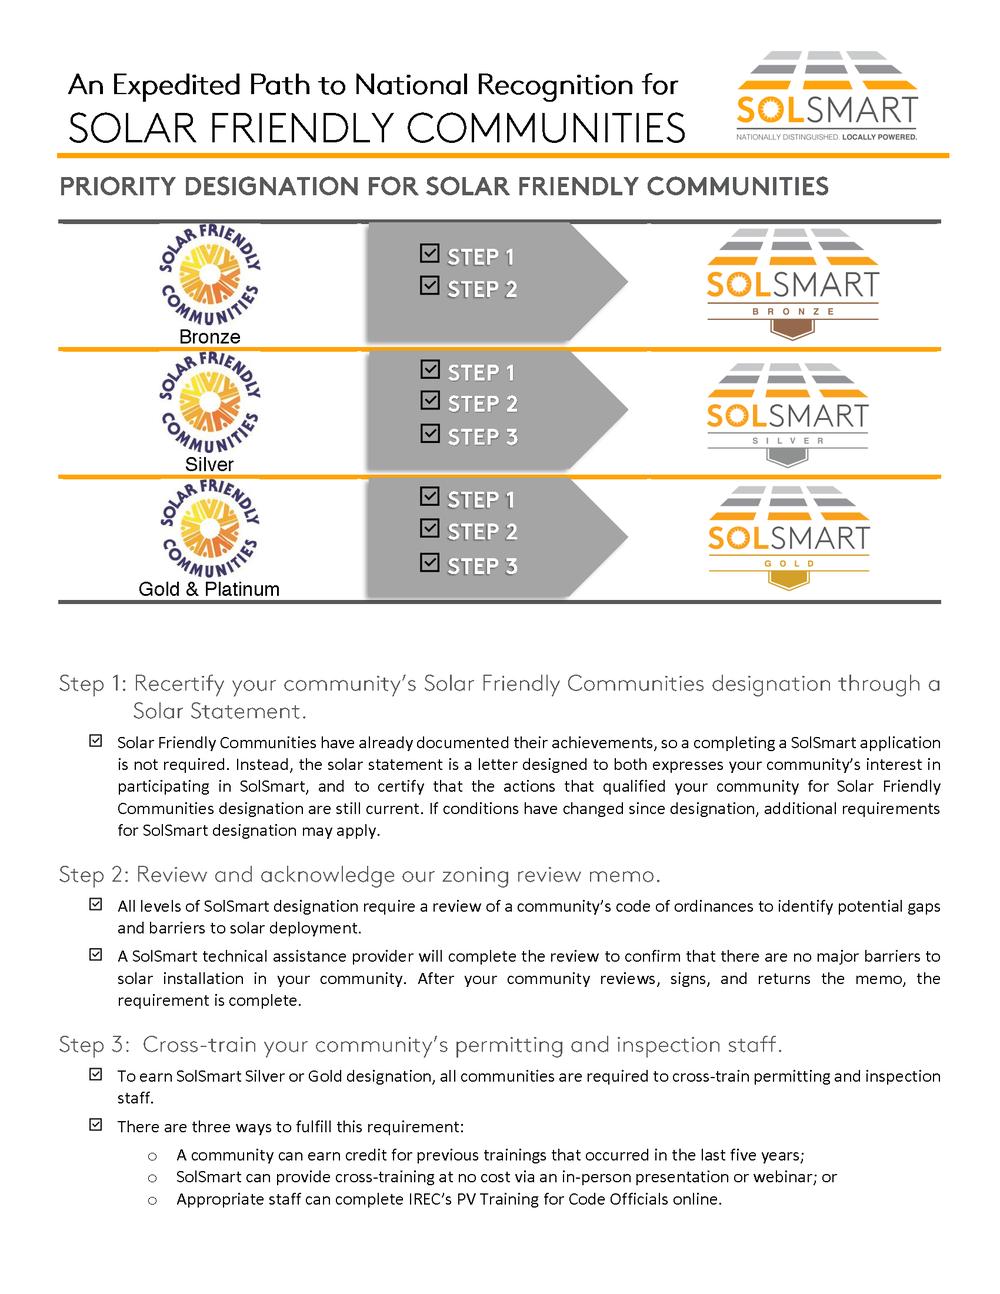 SolSmart-SFC Reciprocity Flyer.png